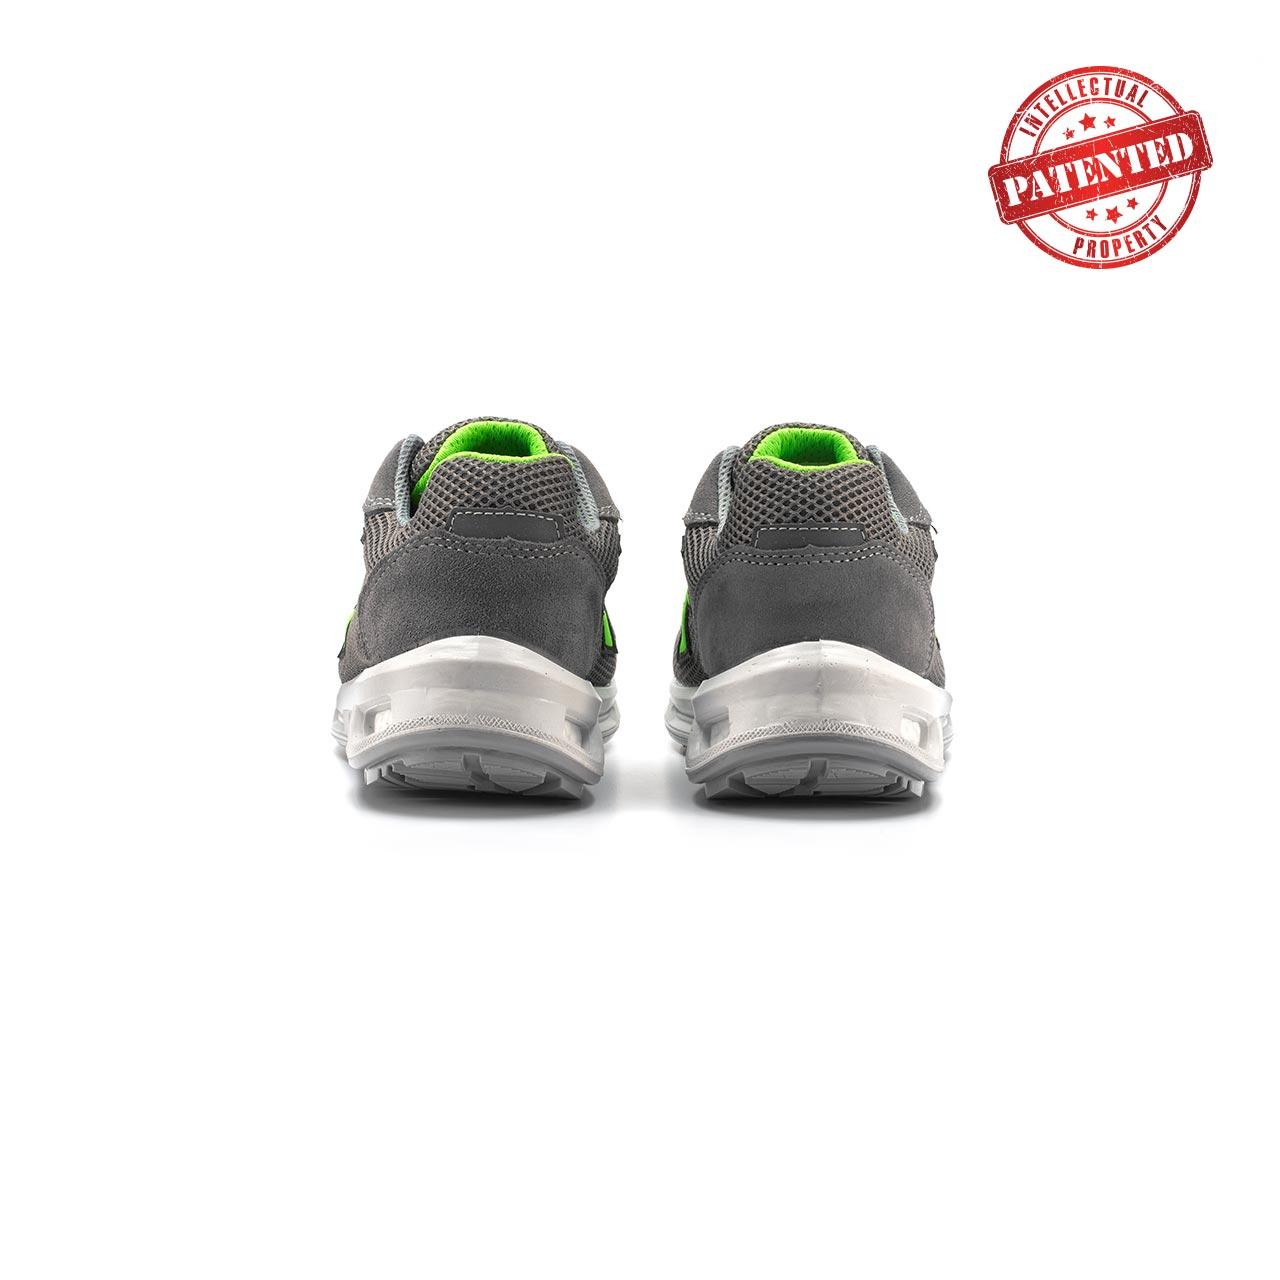 paio di scarpe antinfortunistiche upower modello summer linea redlion vista retro